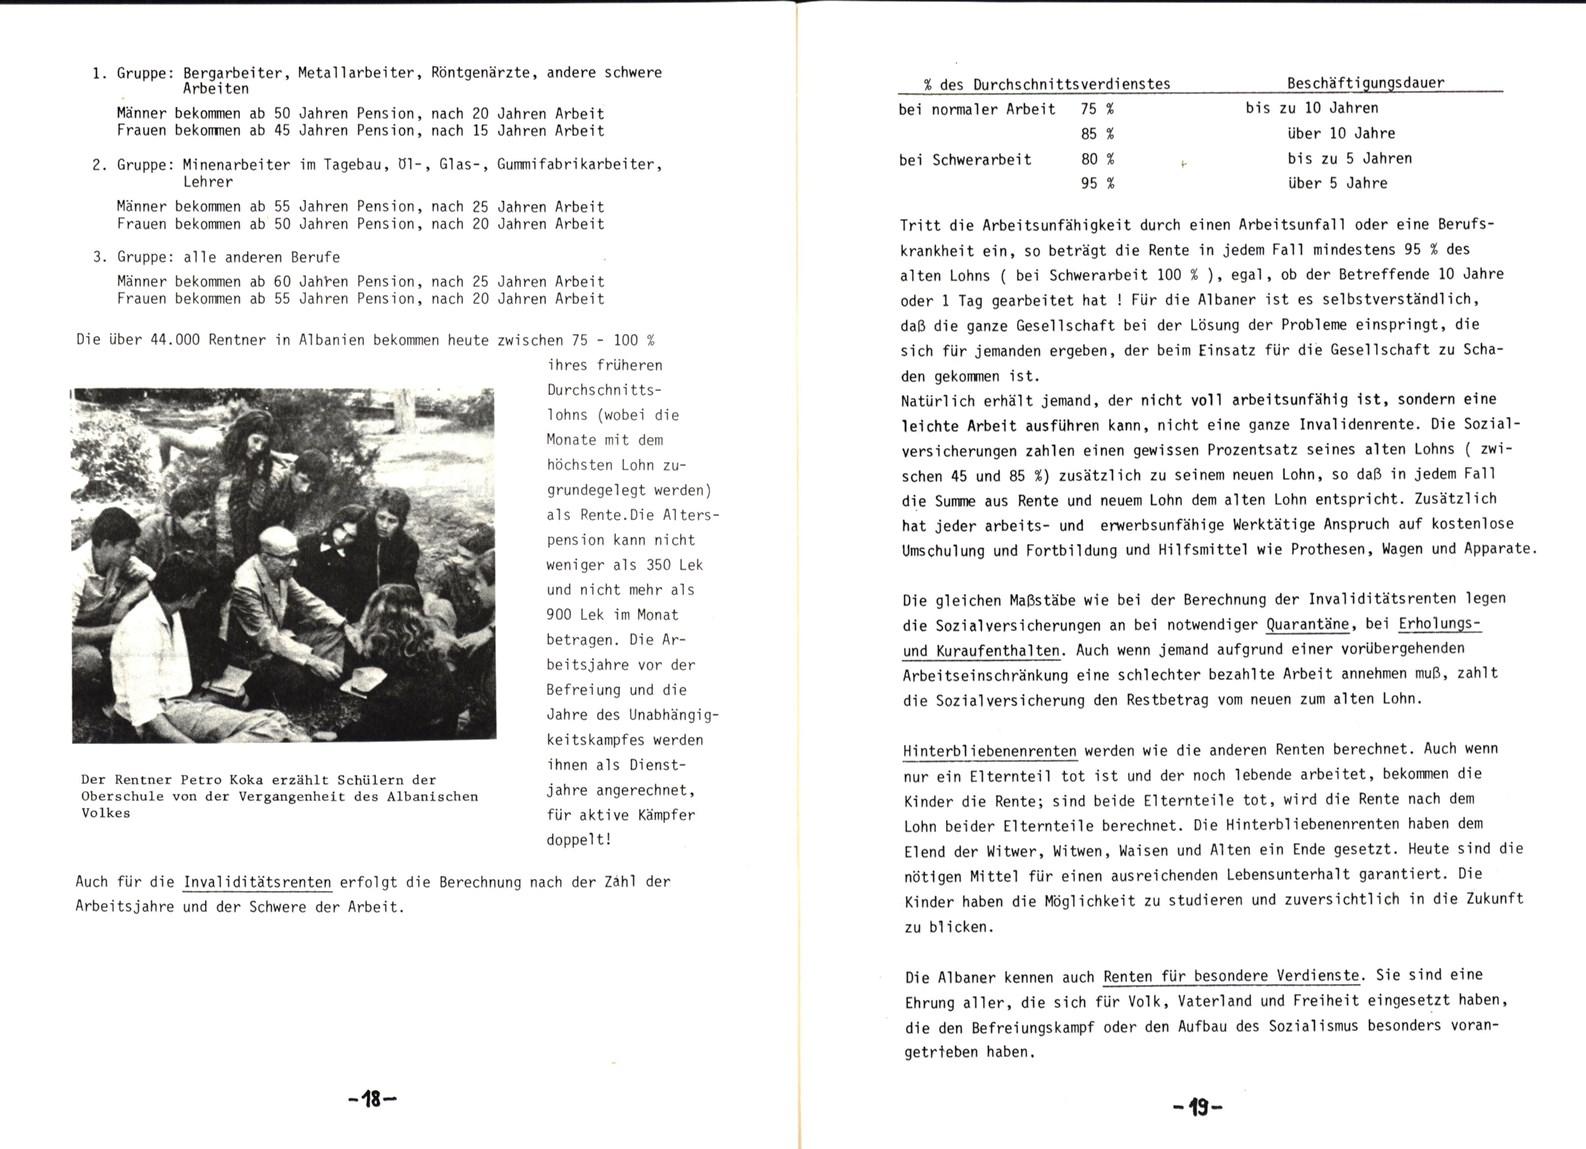 GFA_Albanische_Hefte_1973_02_11